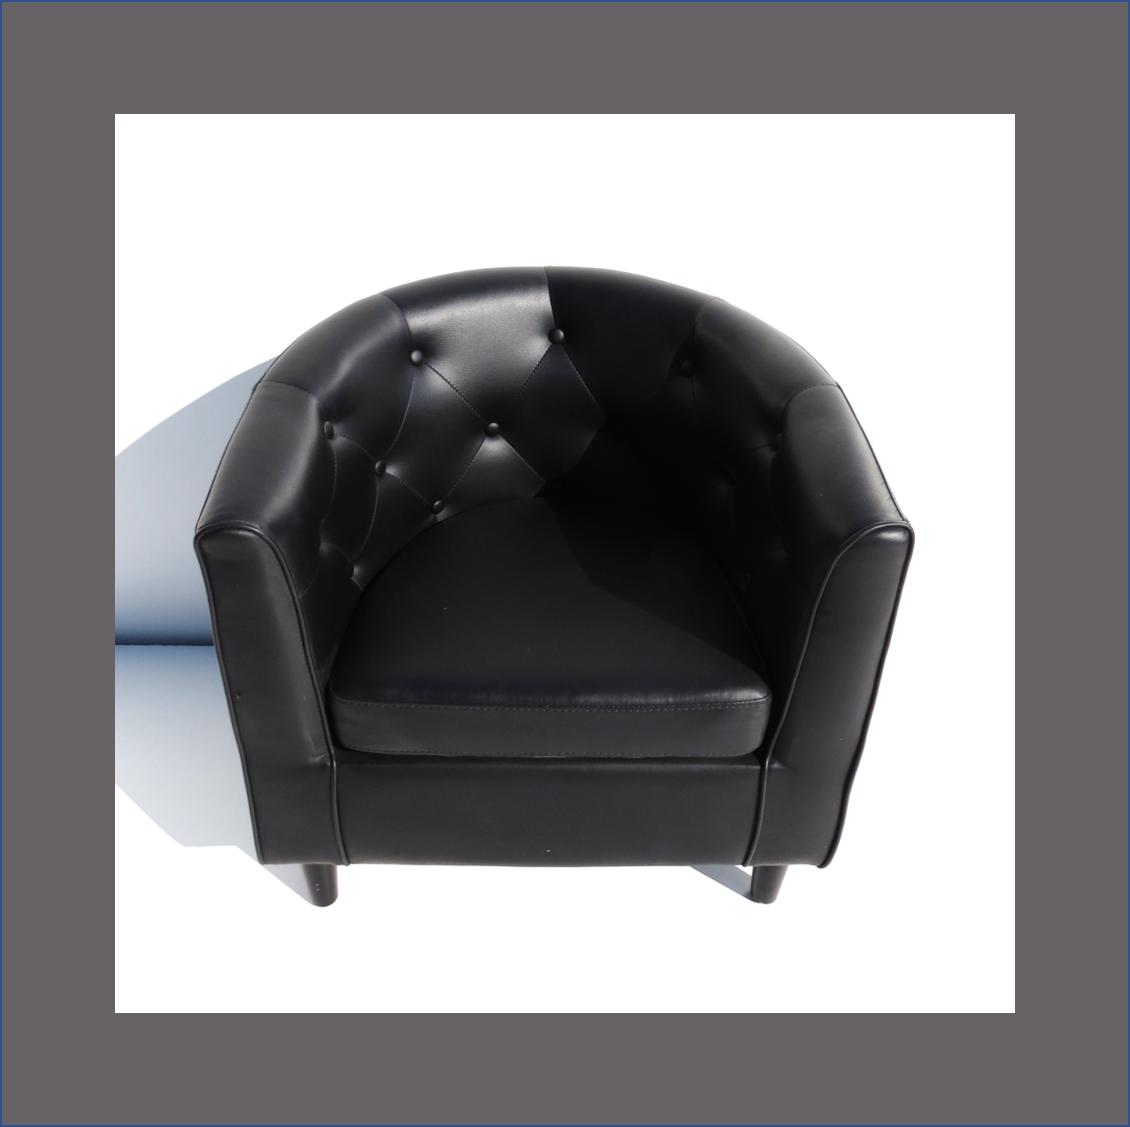 black-tub-chair-deep-buttoned